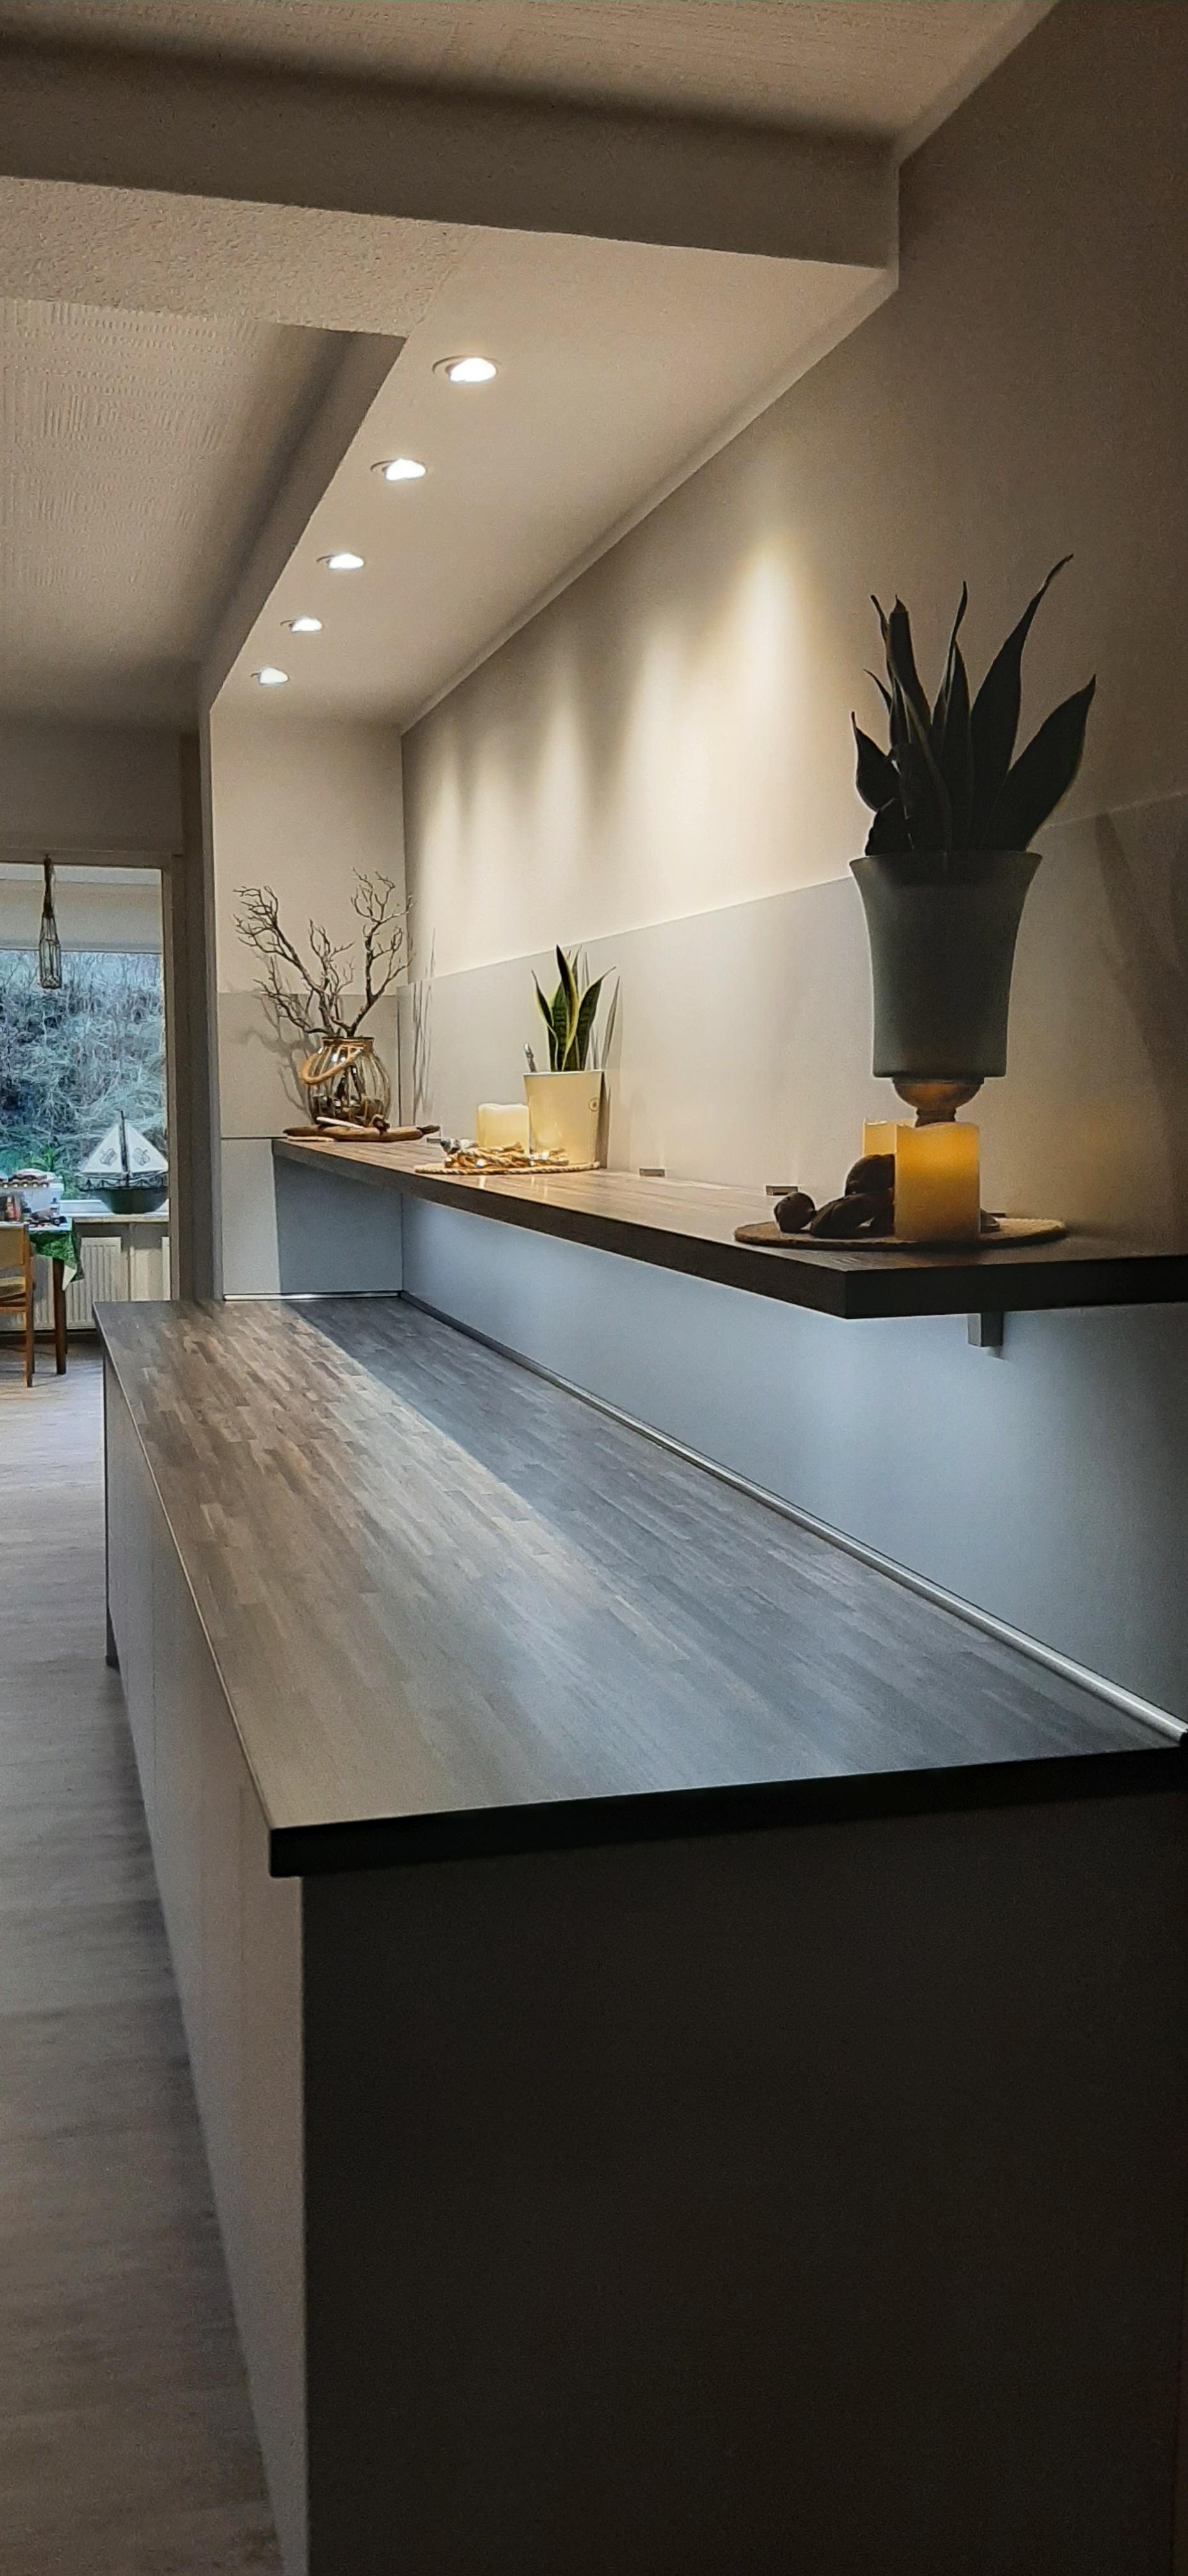 Küchenbuffet_Haus-Seepferdchen-Baltrum_02